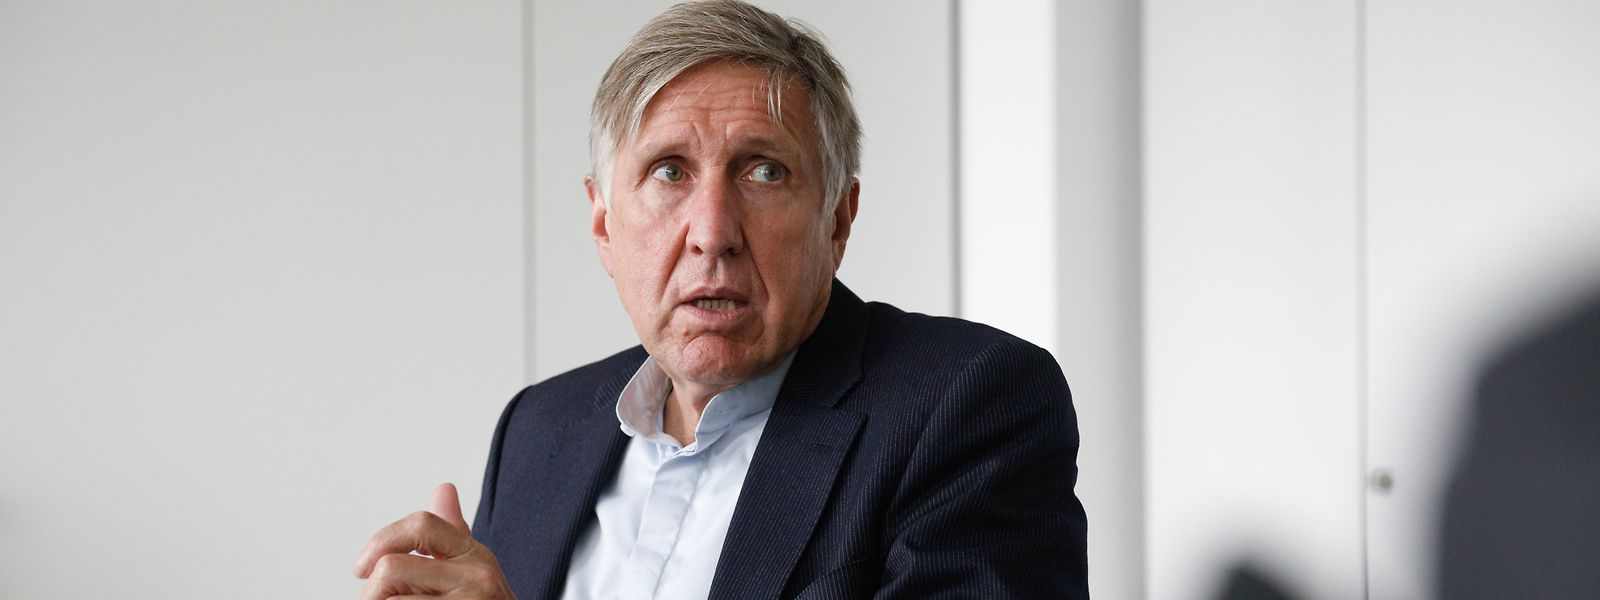 Le ministre de tutelle de Cargolux a indiqué qu'il ignorait l'existence du site polémique Expressis-Verbis.